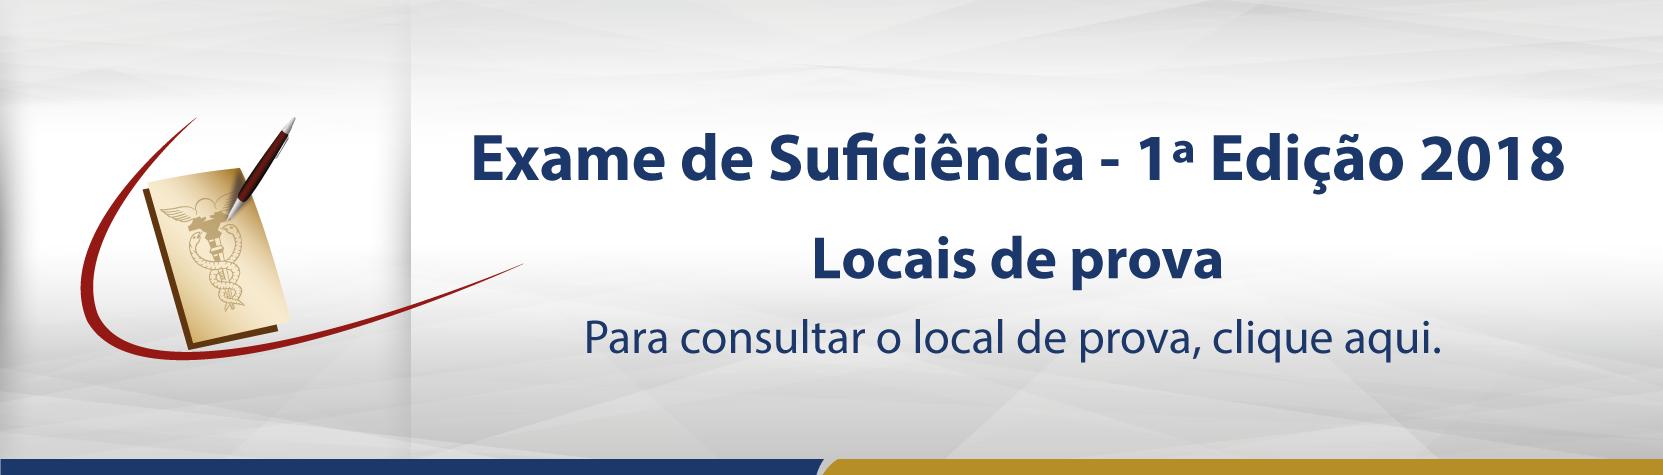 crc pb i exame de suficiência de 2018 \u2013 locais de provas